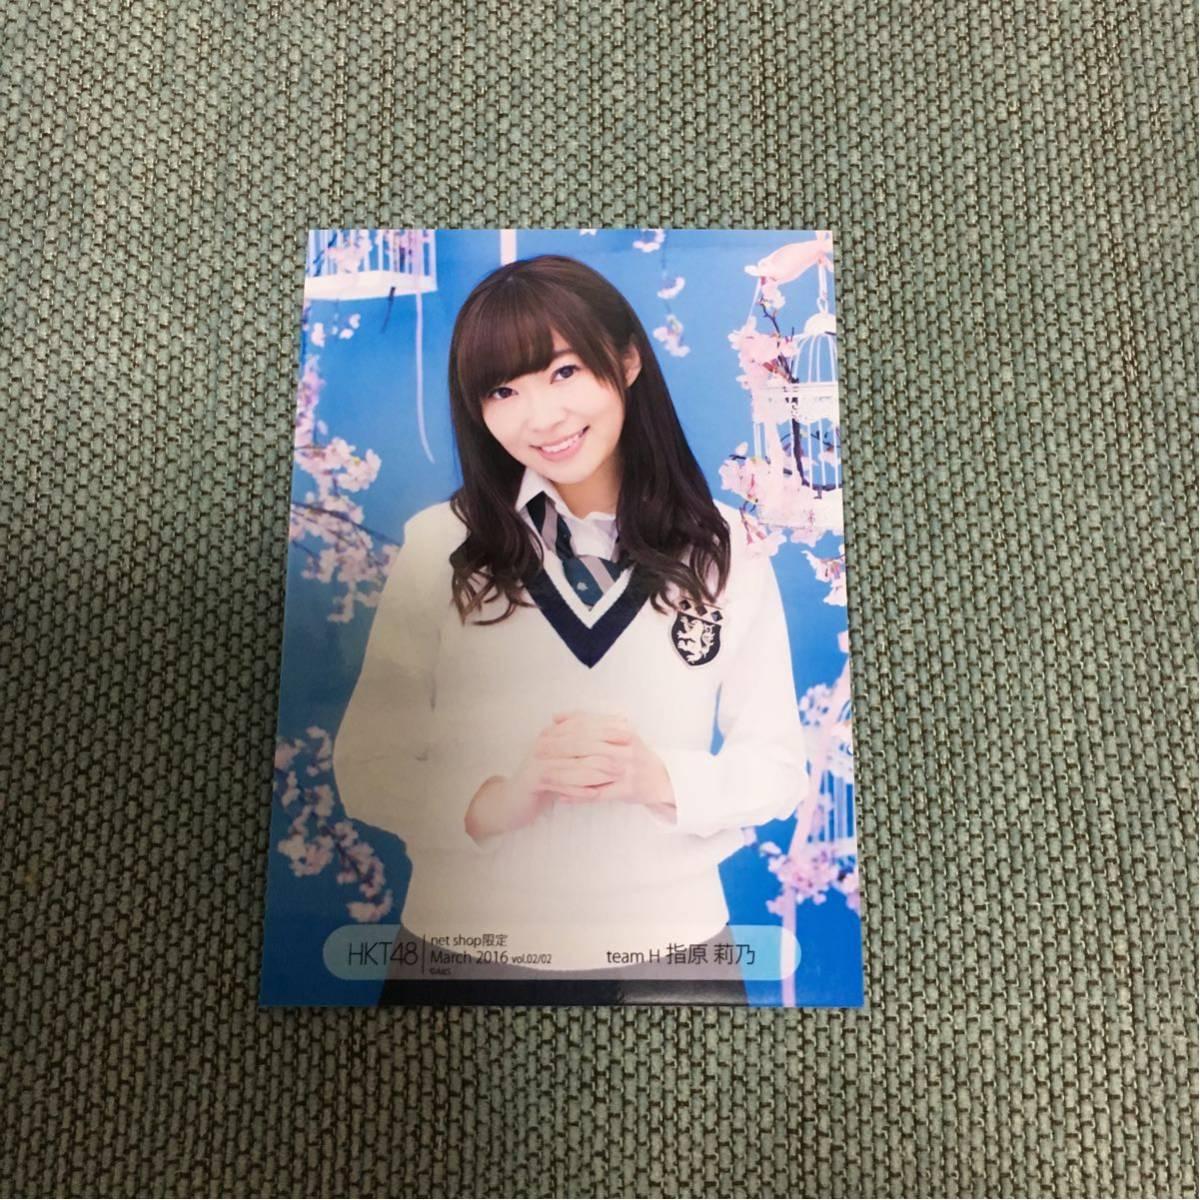 ☆HKT48 net shop限定 March2016年 vol.02/02 TeamH 指原 莉乃個別生写真5枚コンプリートセット☆ ライブグッズの画像